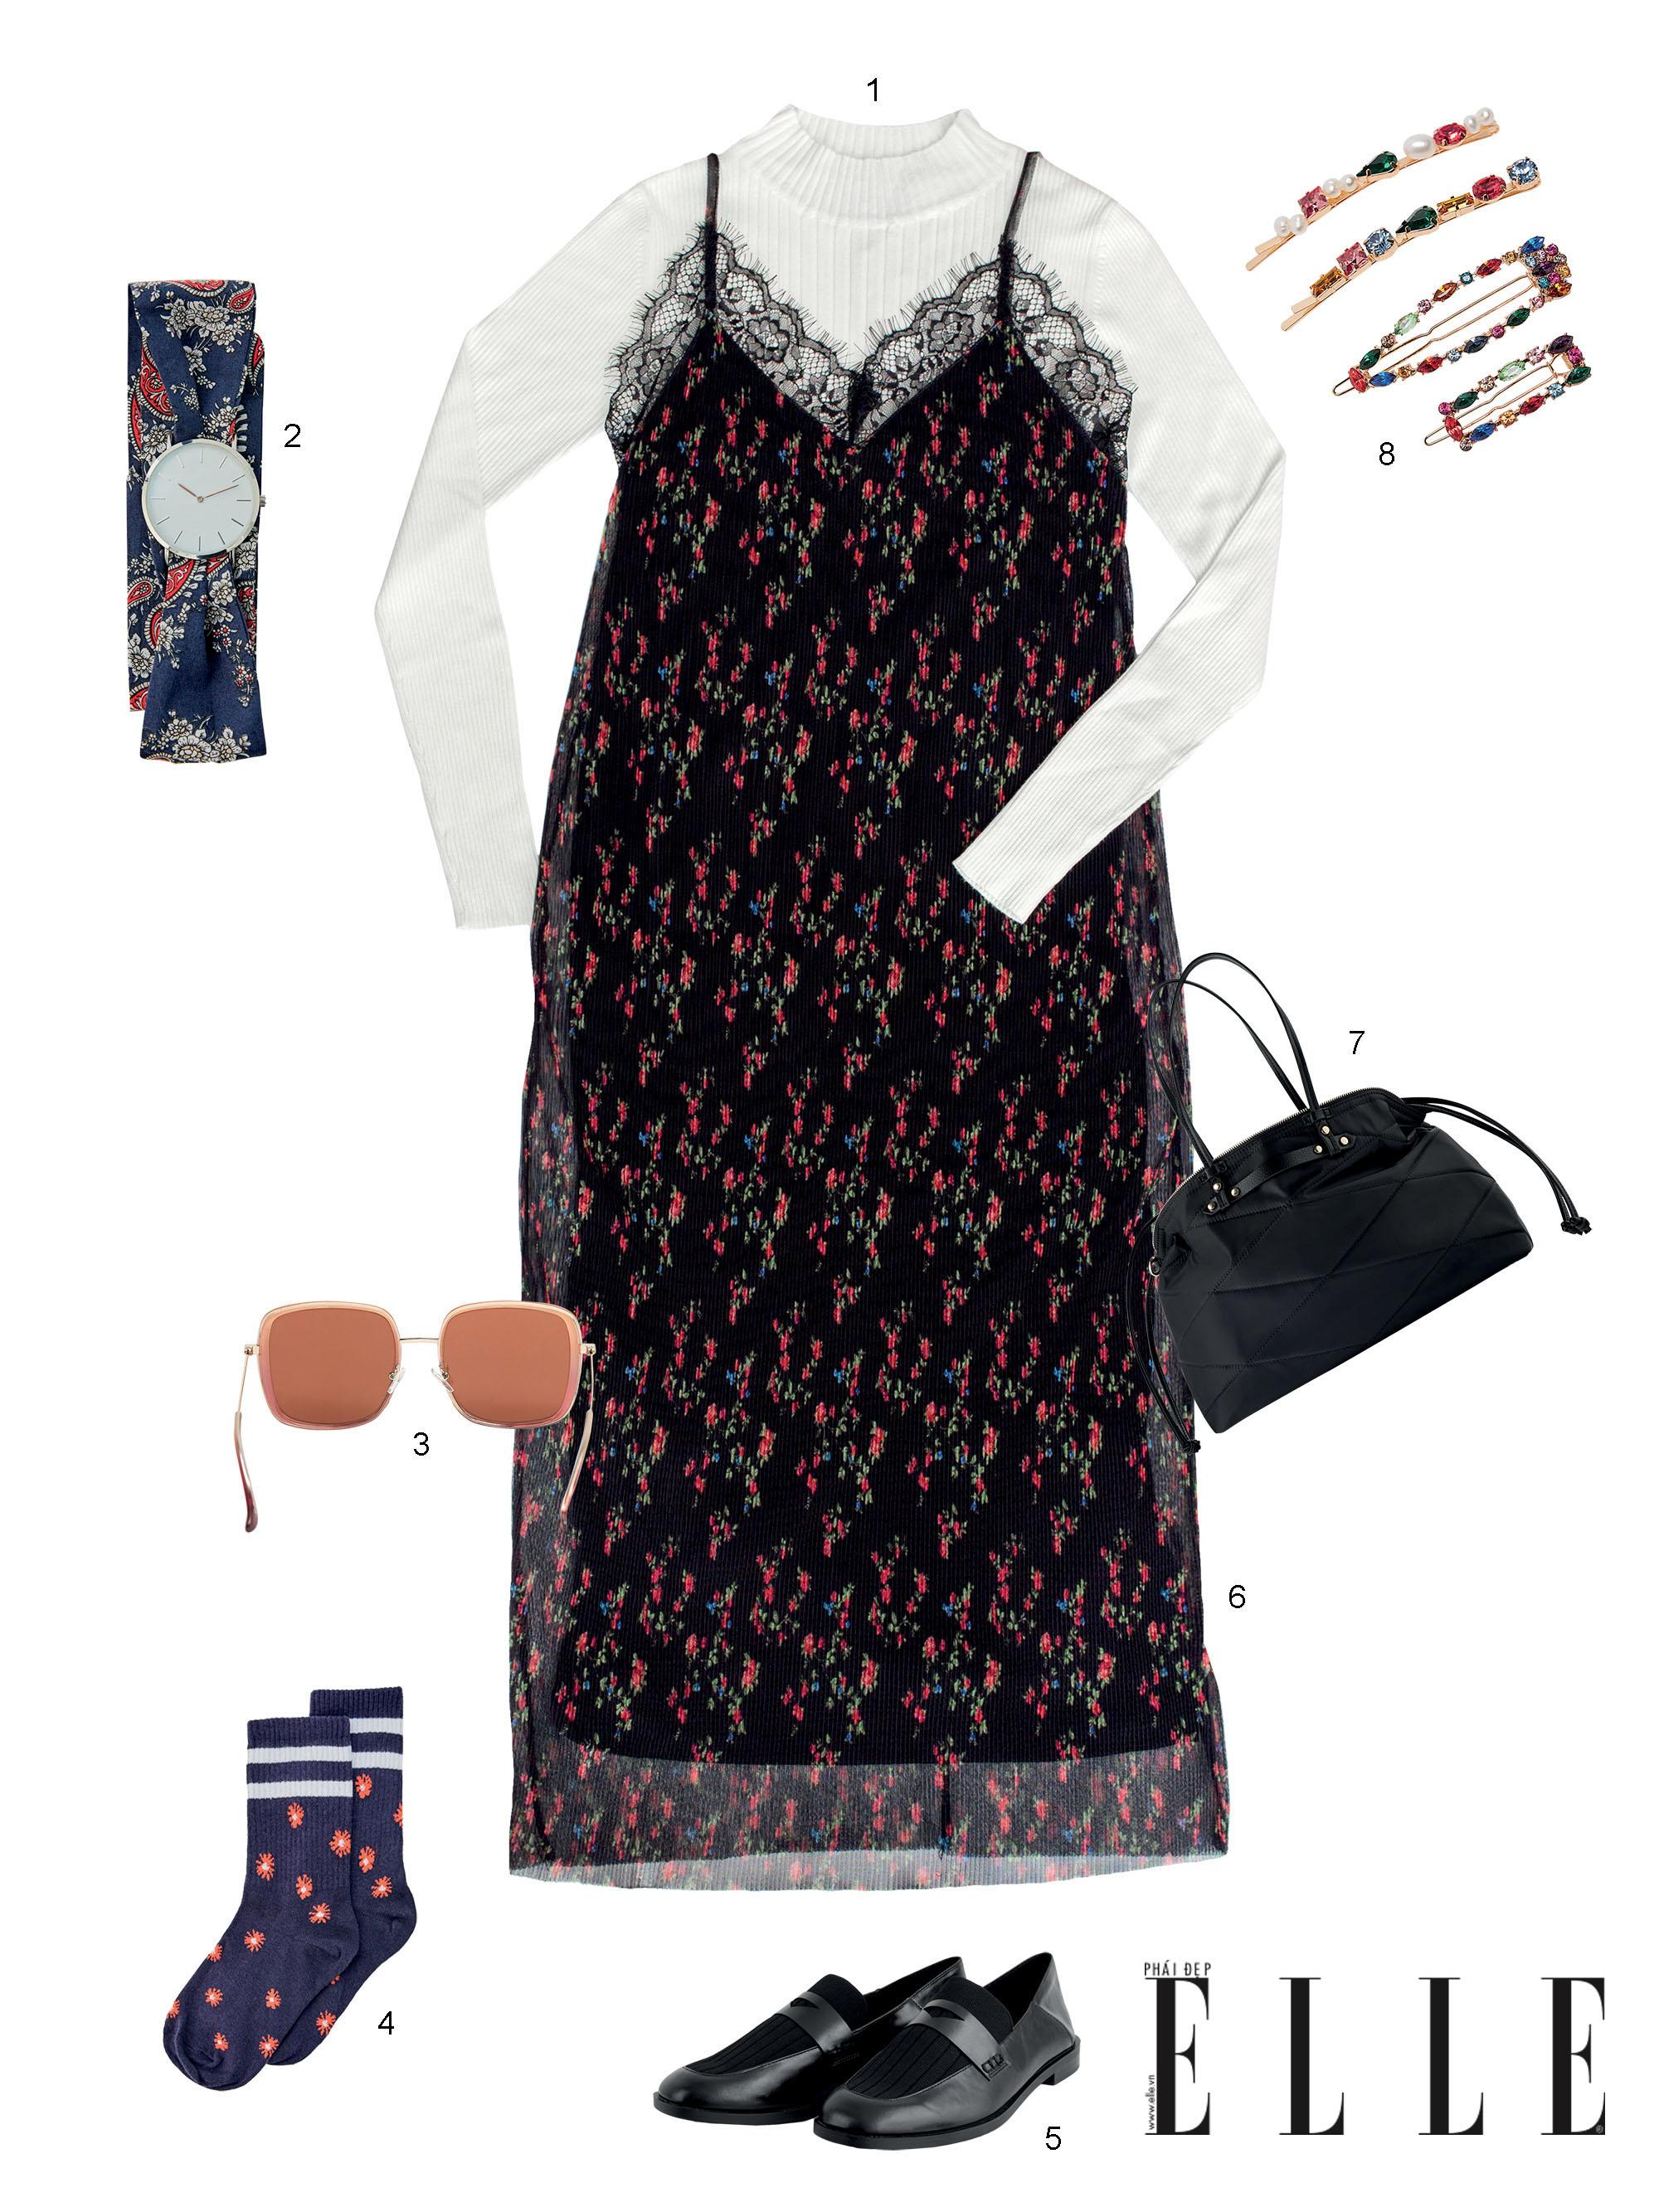 phối đồ với slip dress họa tiết hoa và áo len tay dài màu trắng